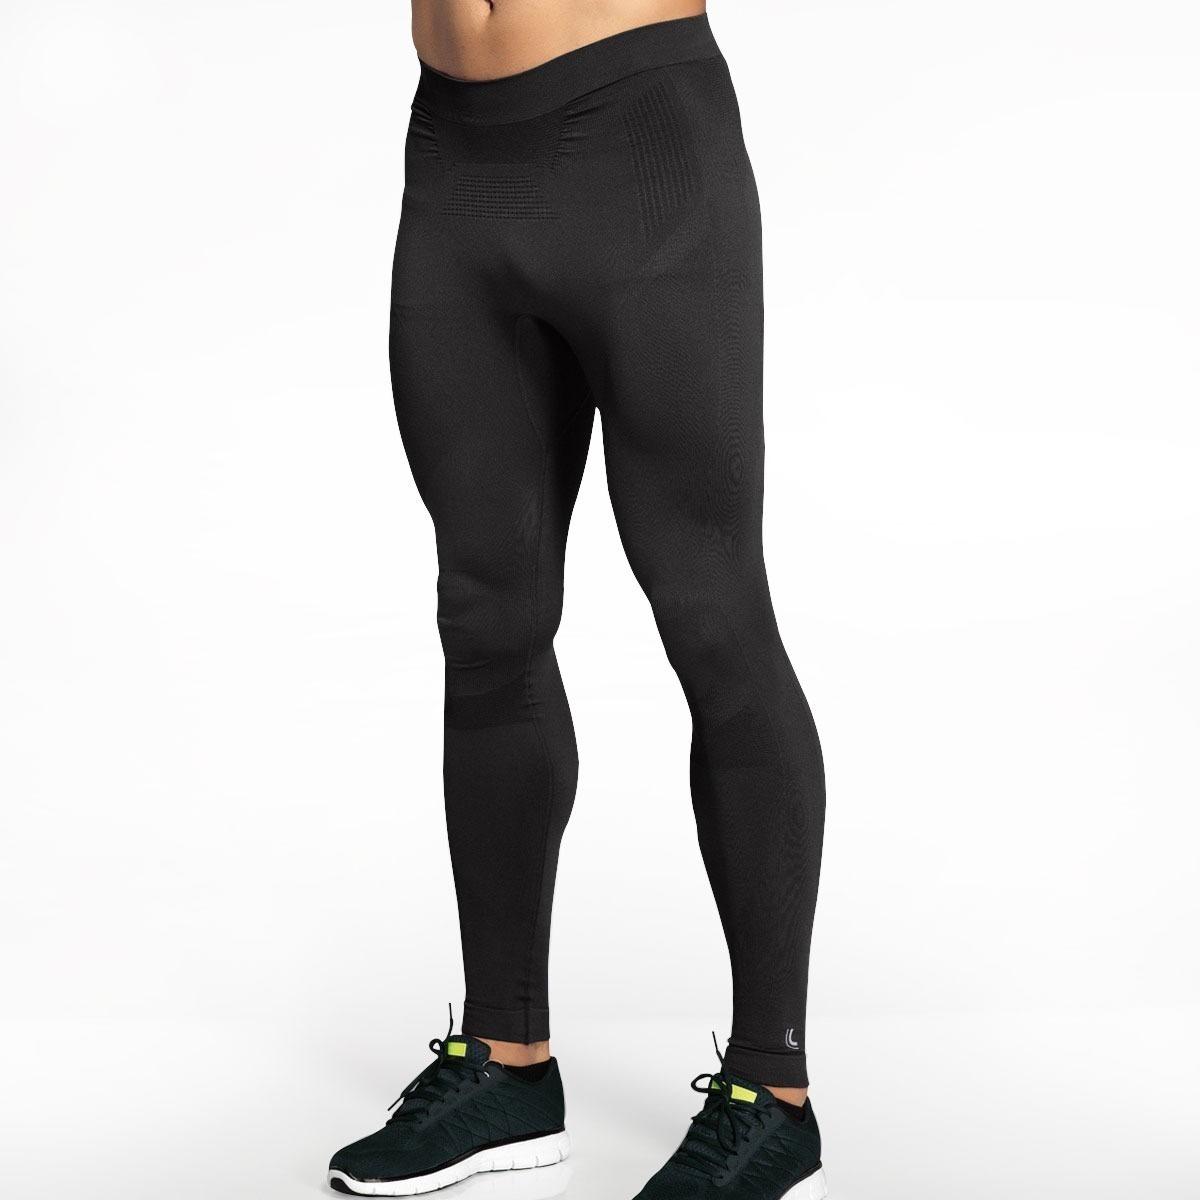 calça térmica compressão masculina sem costura - lupo 70601. Carregando zoom . fbca01fe2bbc0